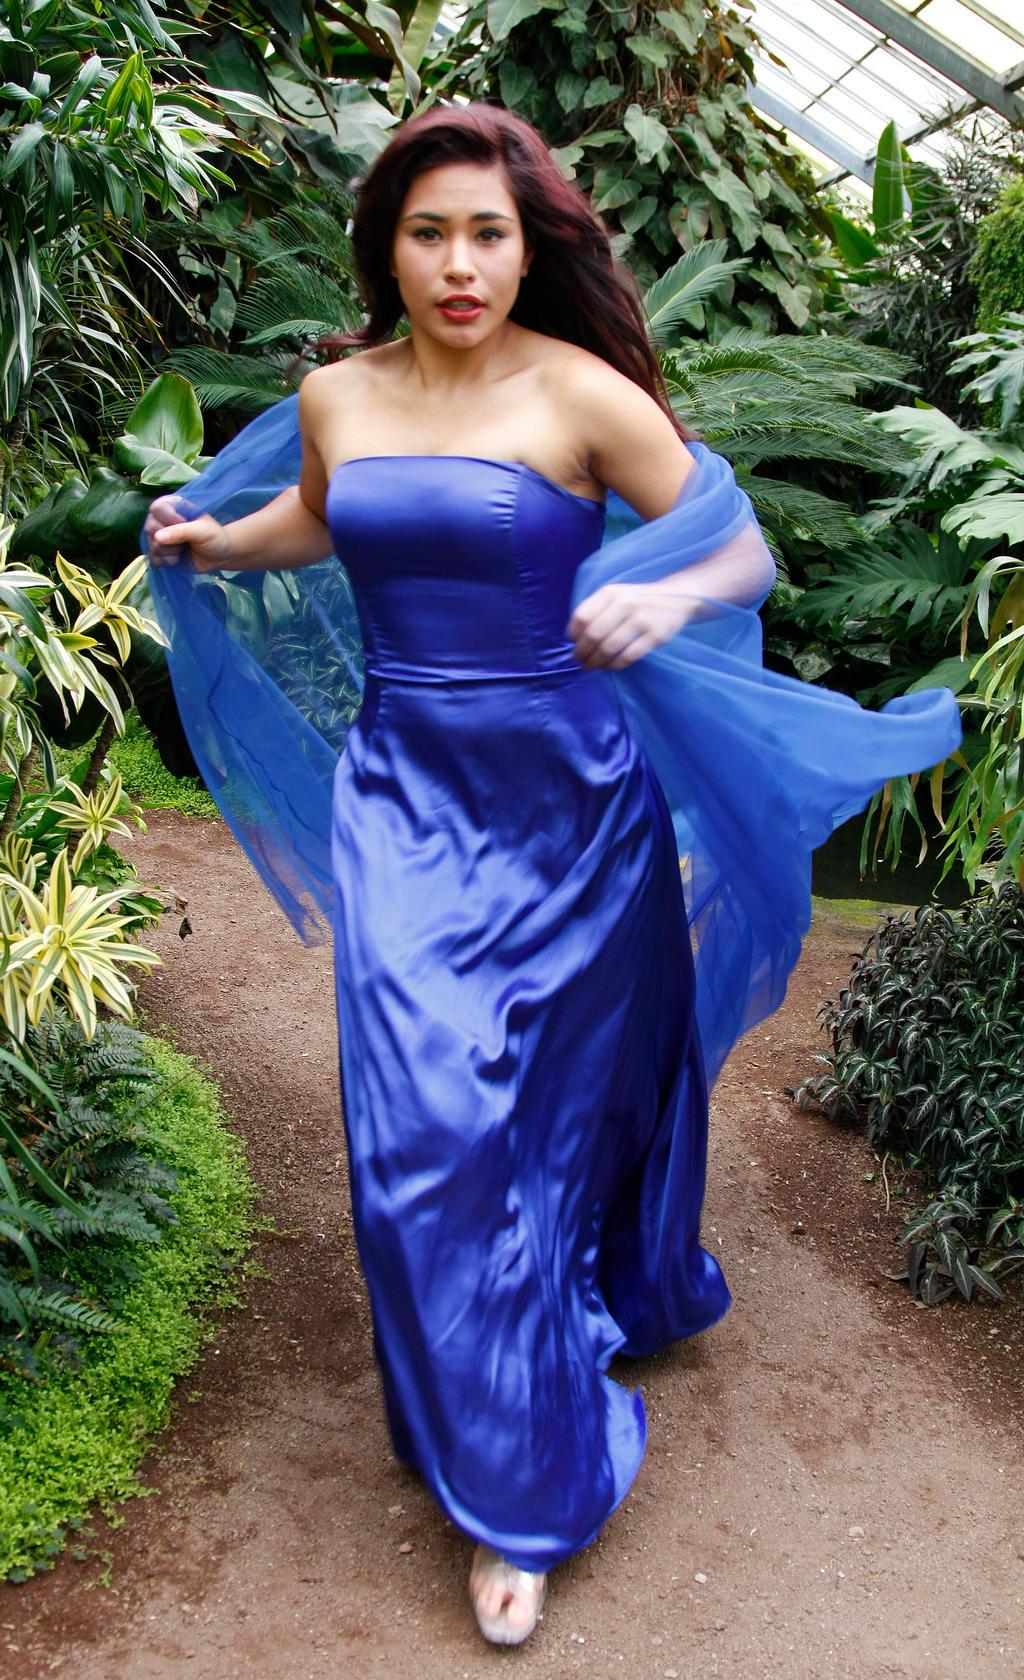 Blue Maiden 8 by CathleenTarawhiti